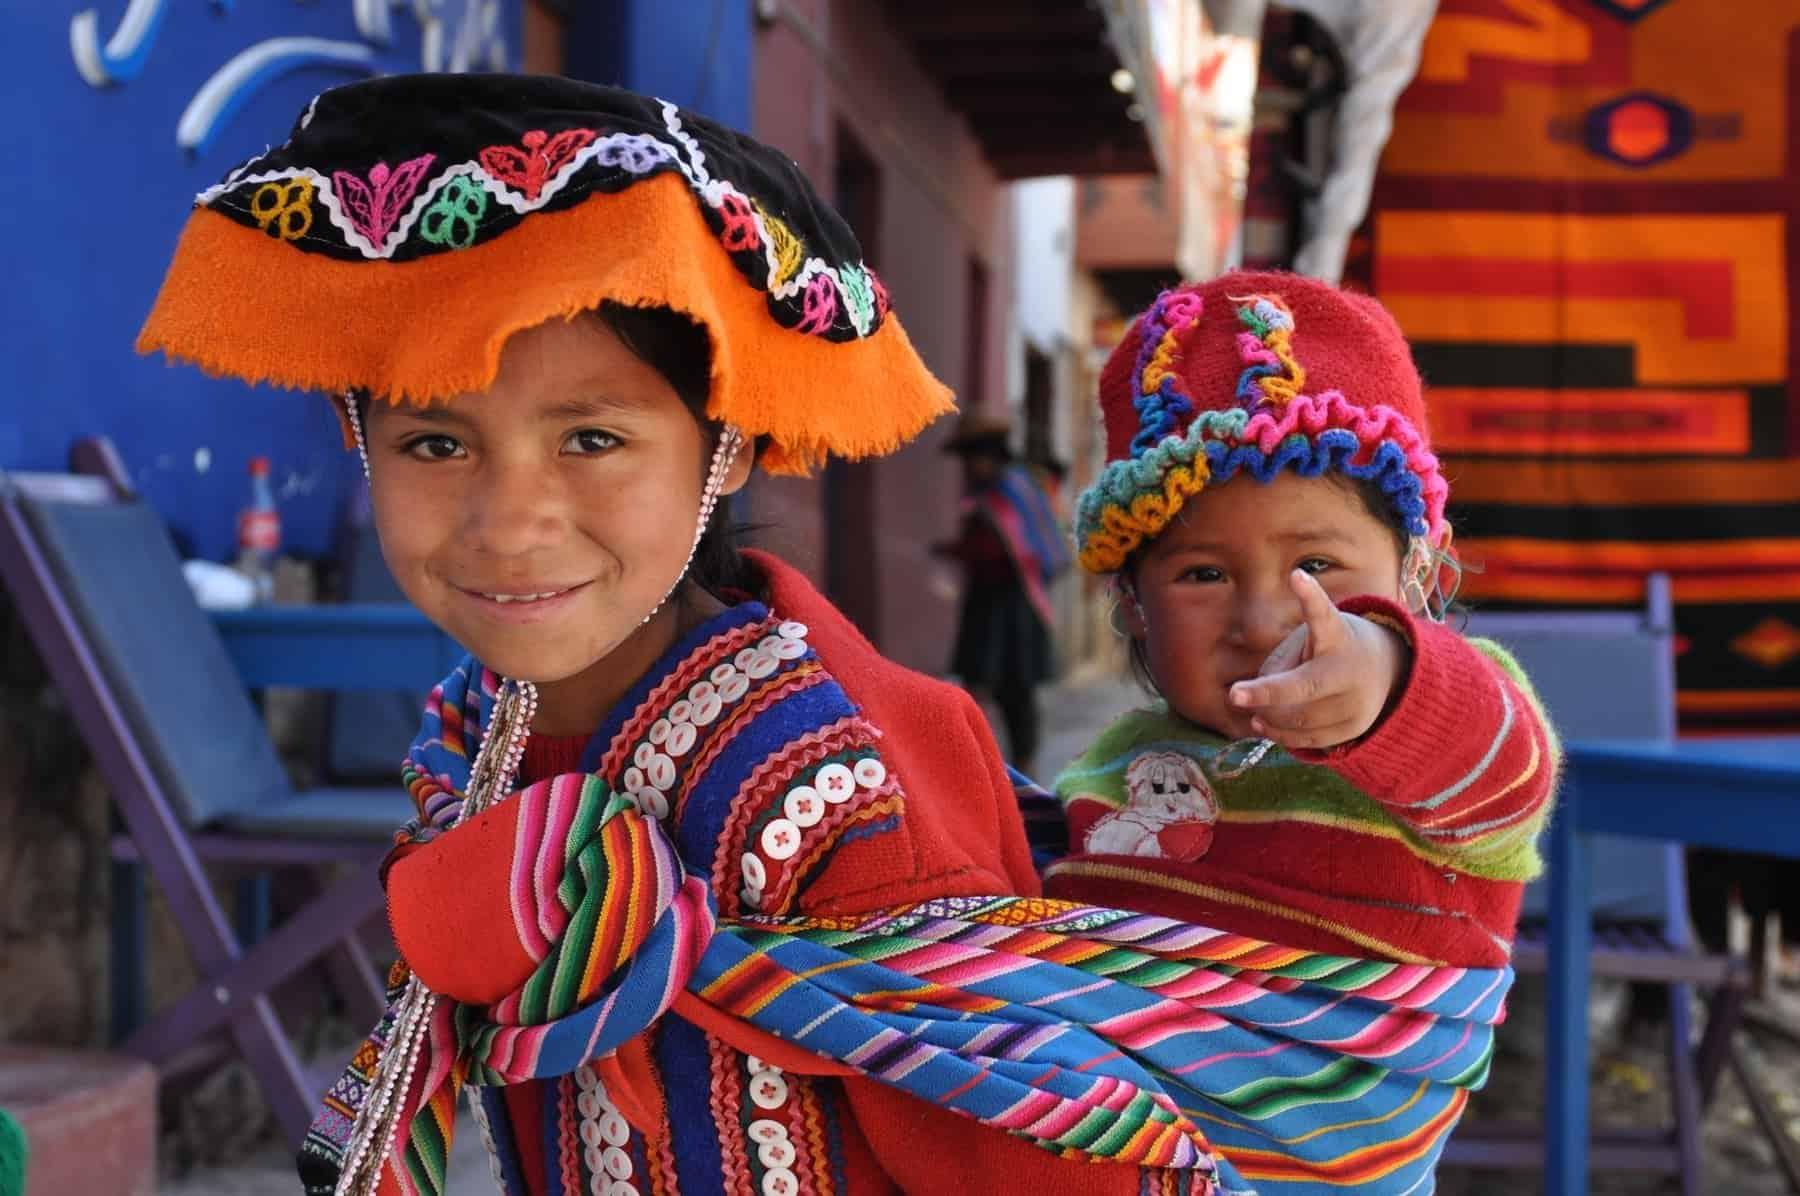 Peru and children